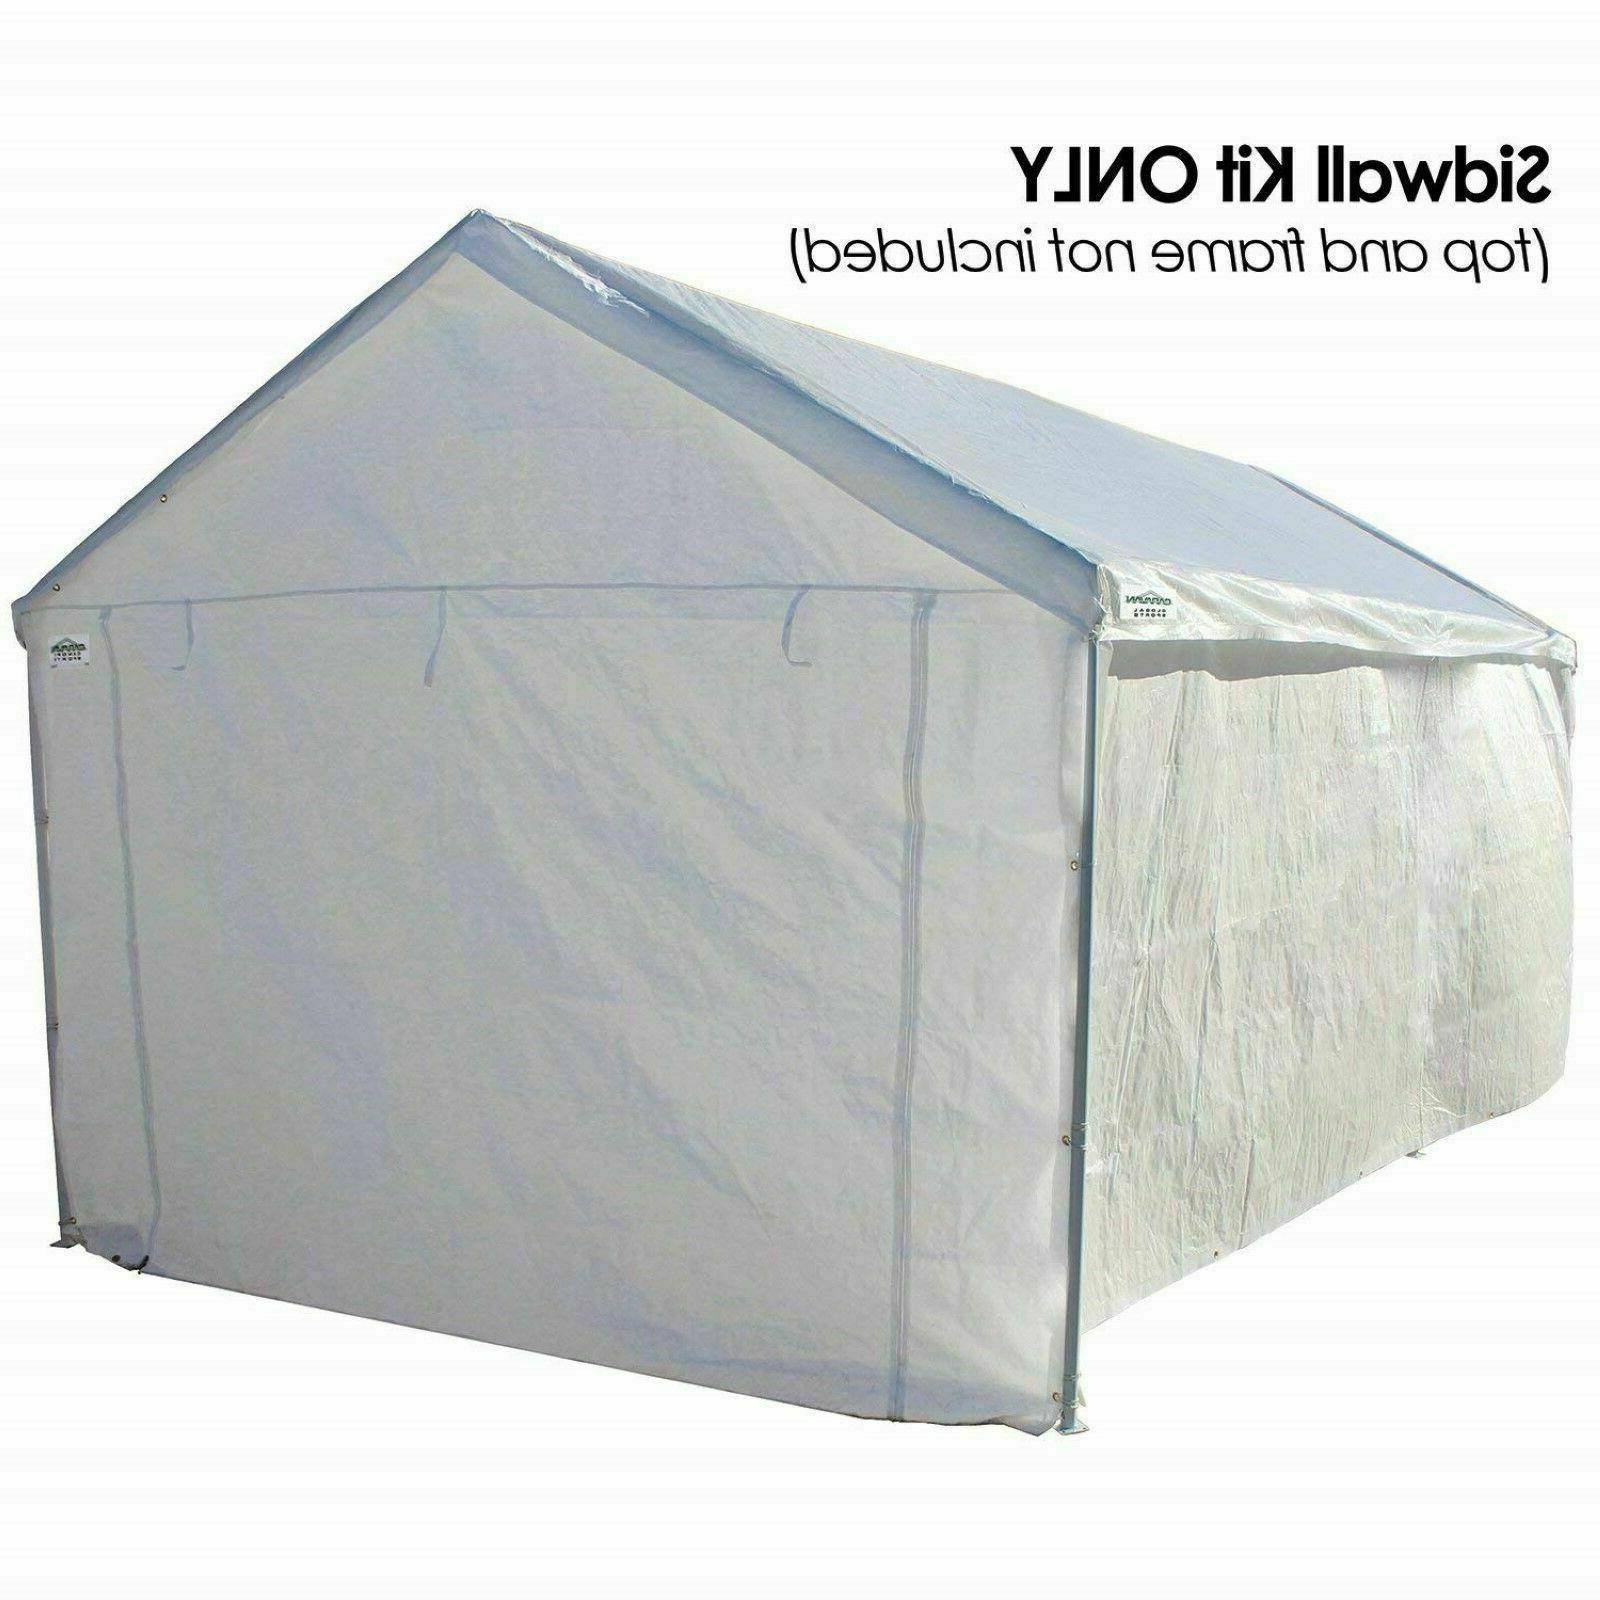 10x20 Kit Shelter Big Carport